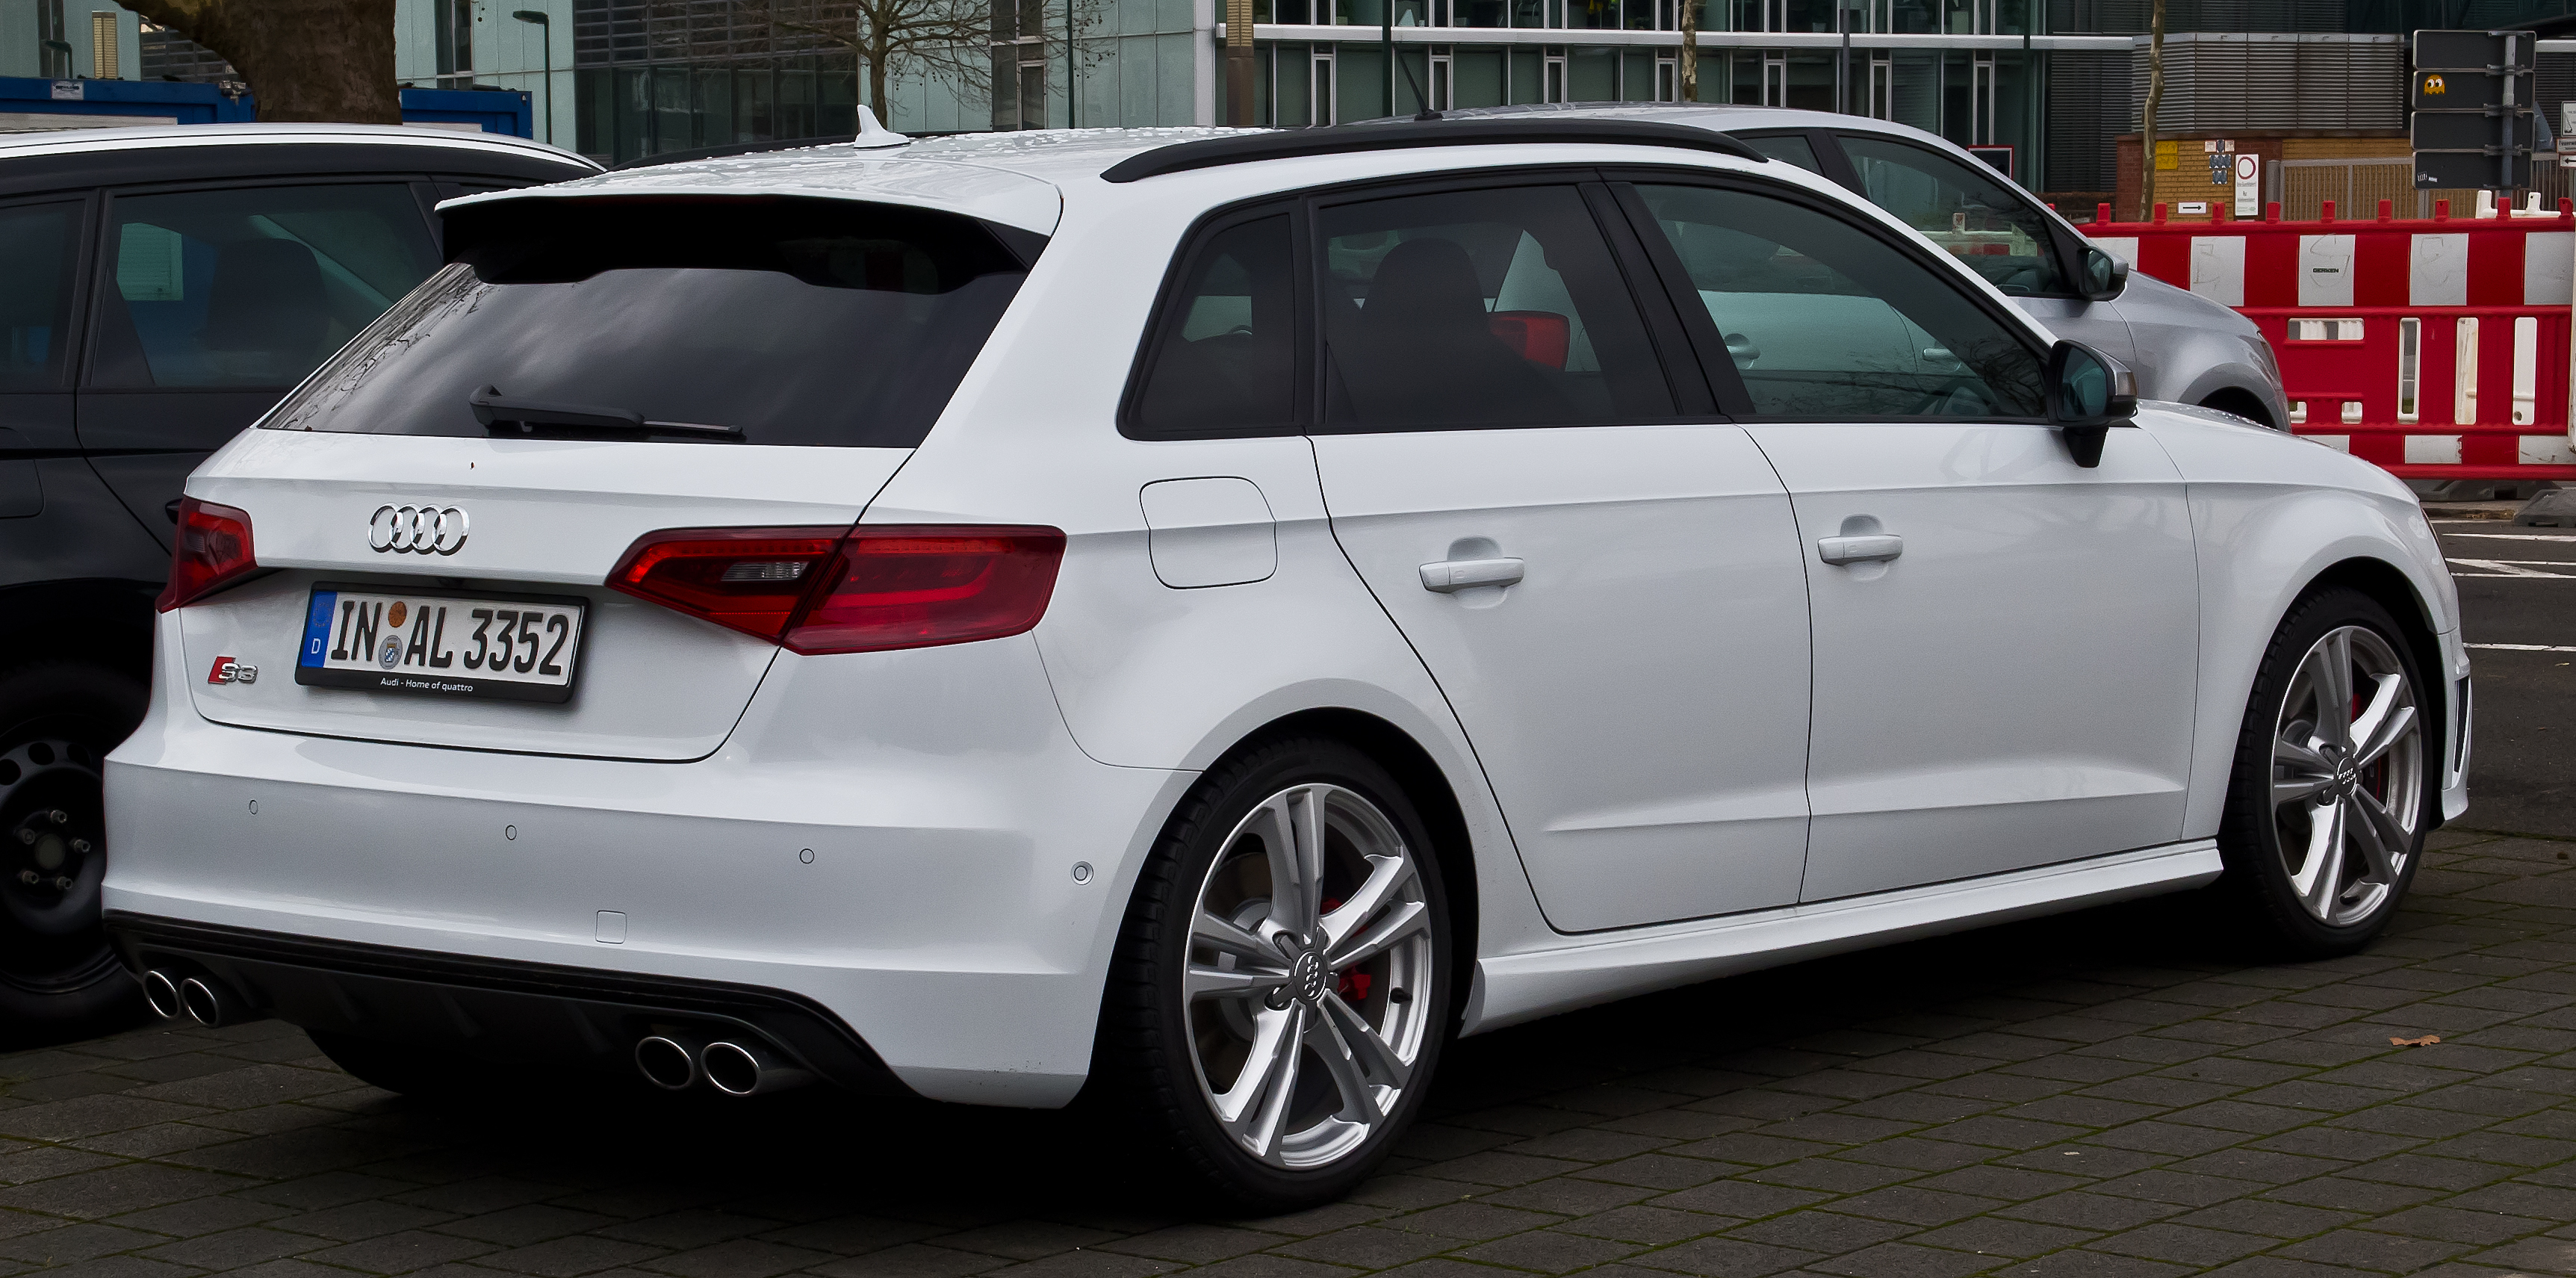 Audi S3 Wiki